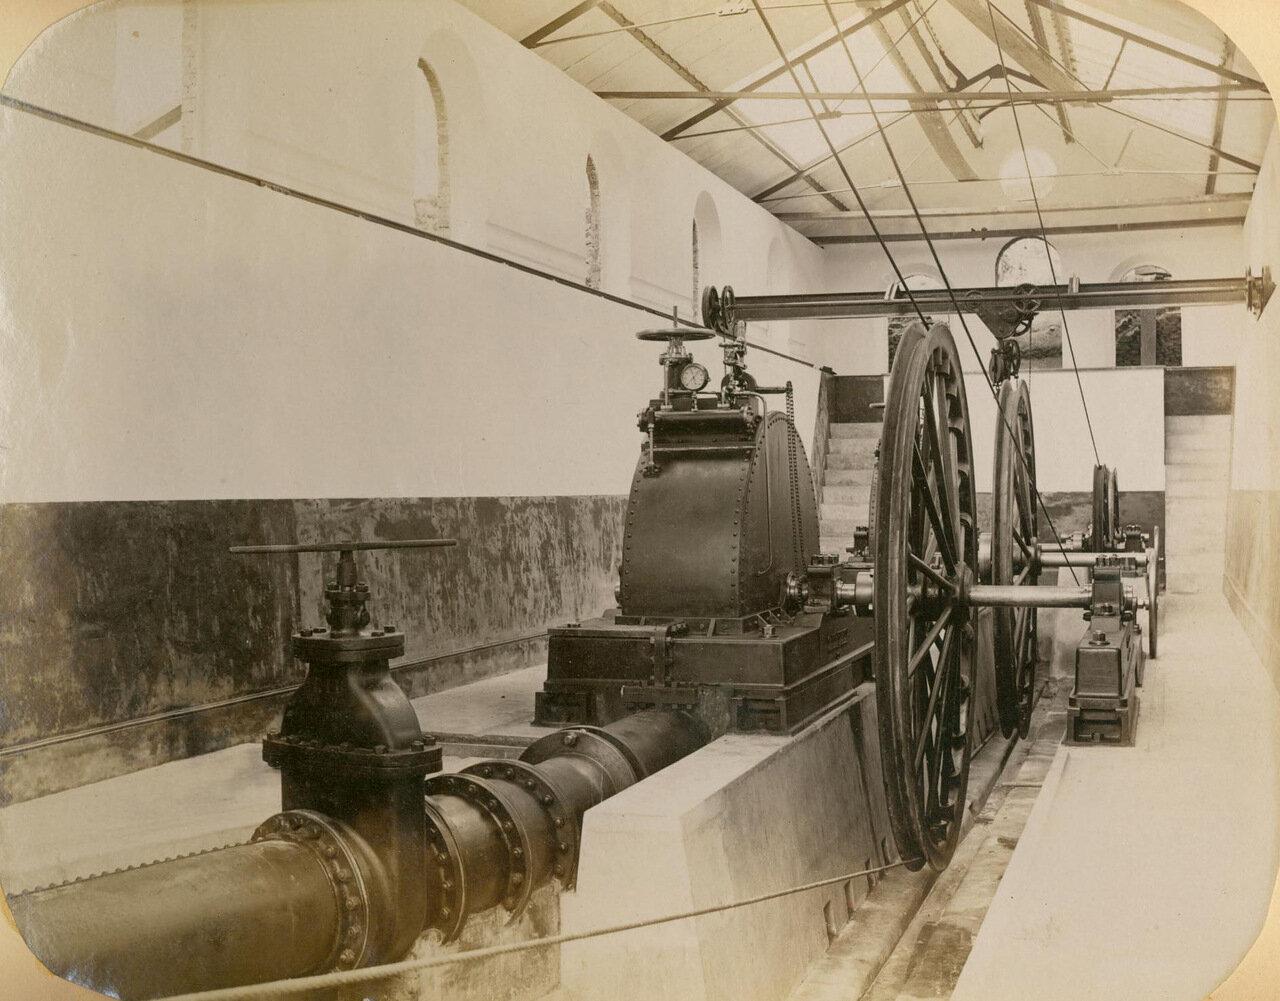 Двигатель системы канатной дороги получает электропитание по проводам, июль 1894 года